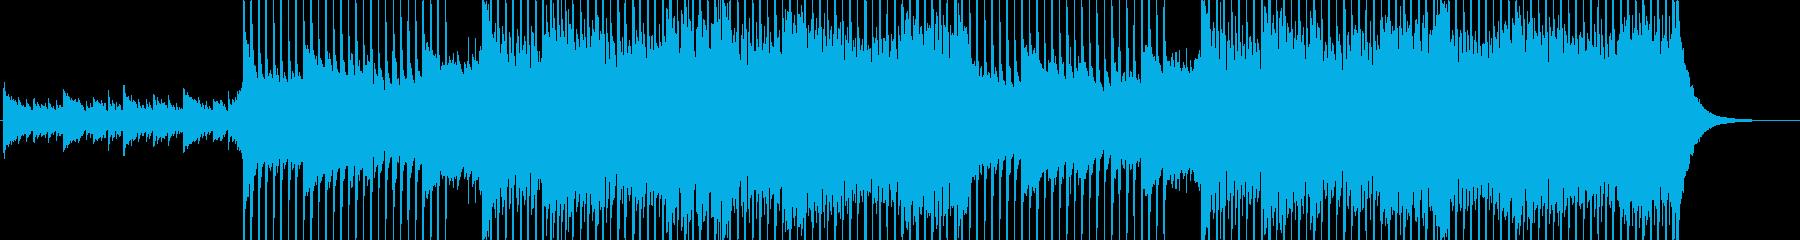 企業VP向け、爽やかポップ4つ打ち13aの再生済みの波形